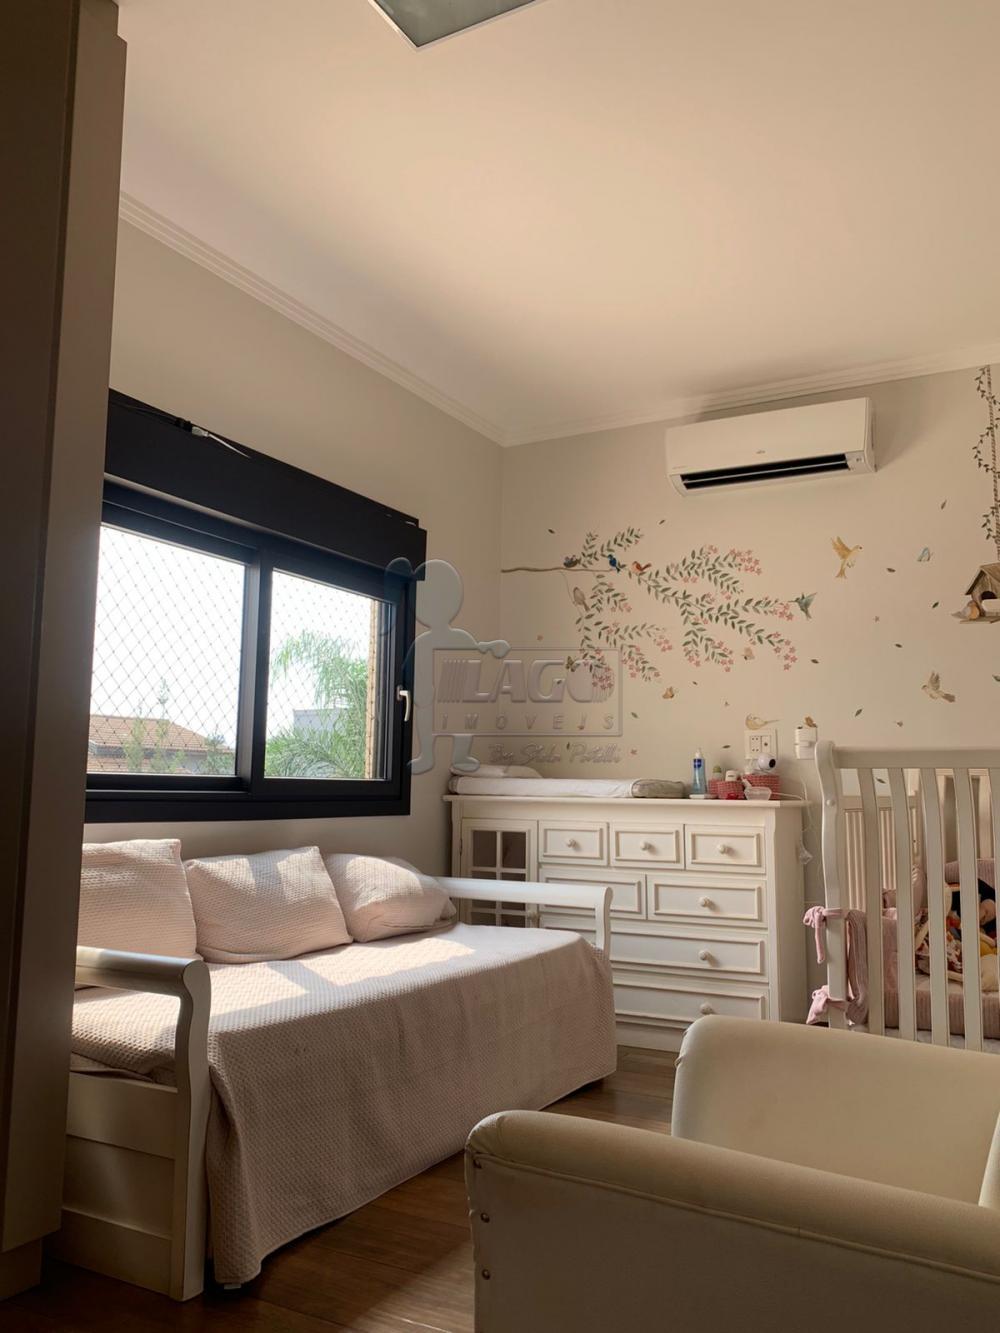 Comprar Casas / Condomínio em Bonfim Paulista R$ 1.555.000,00 - Foto 20